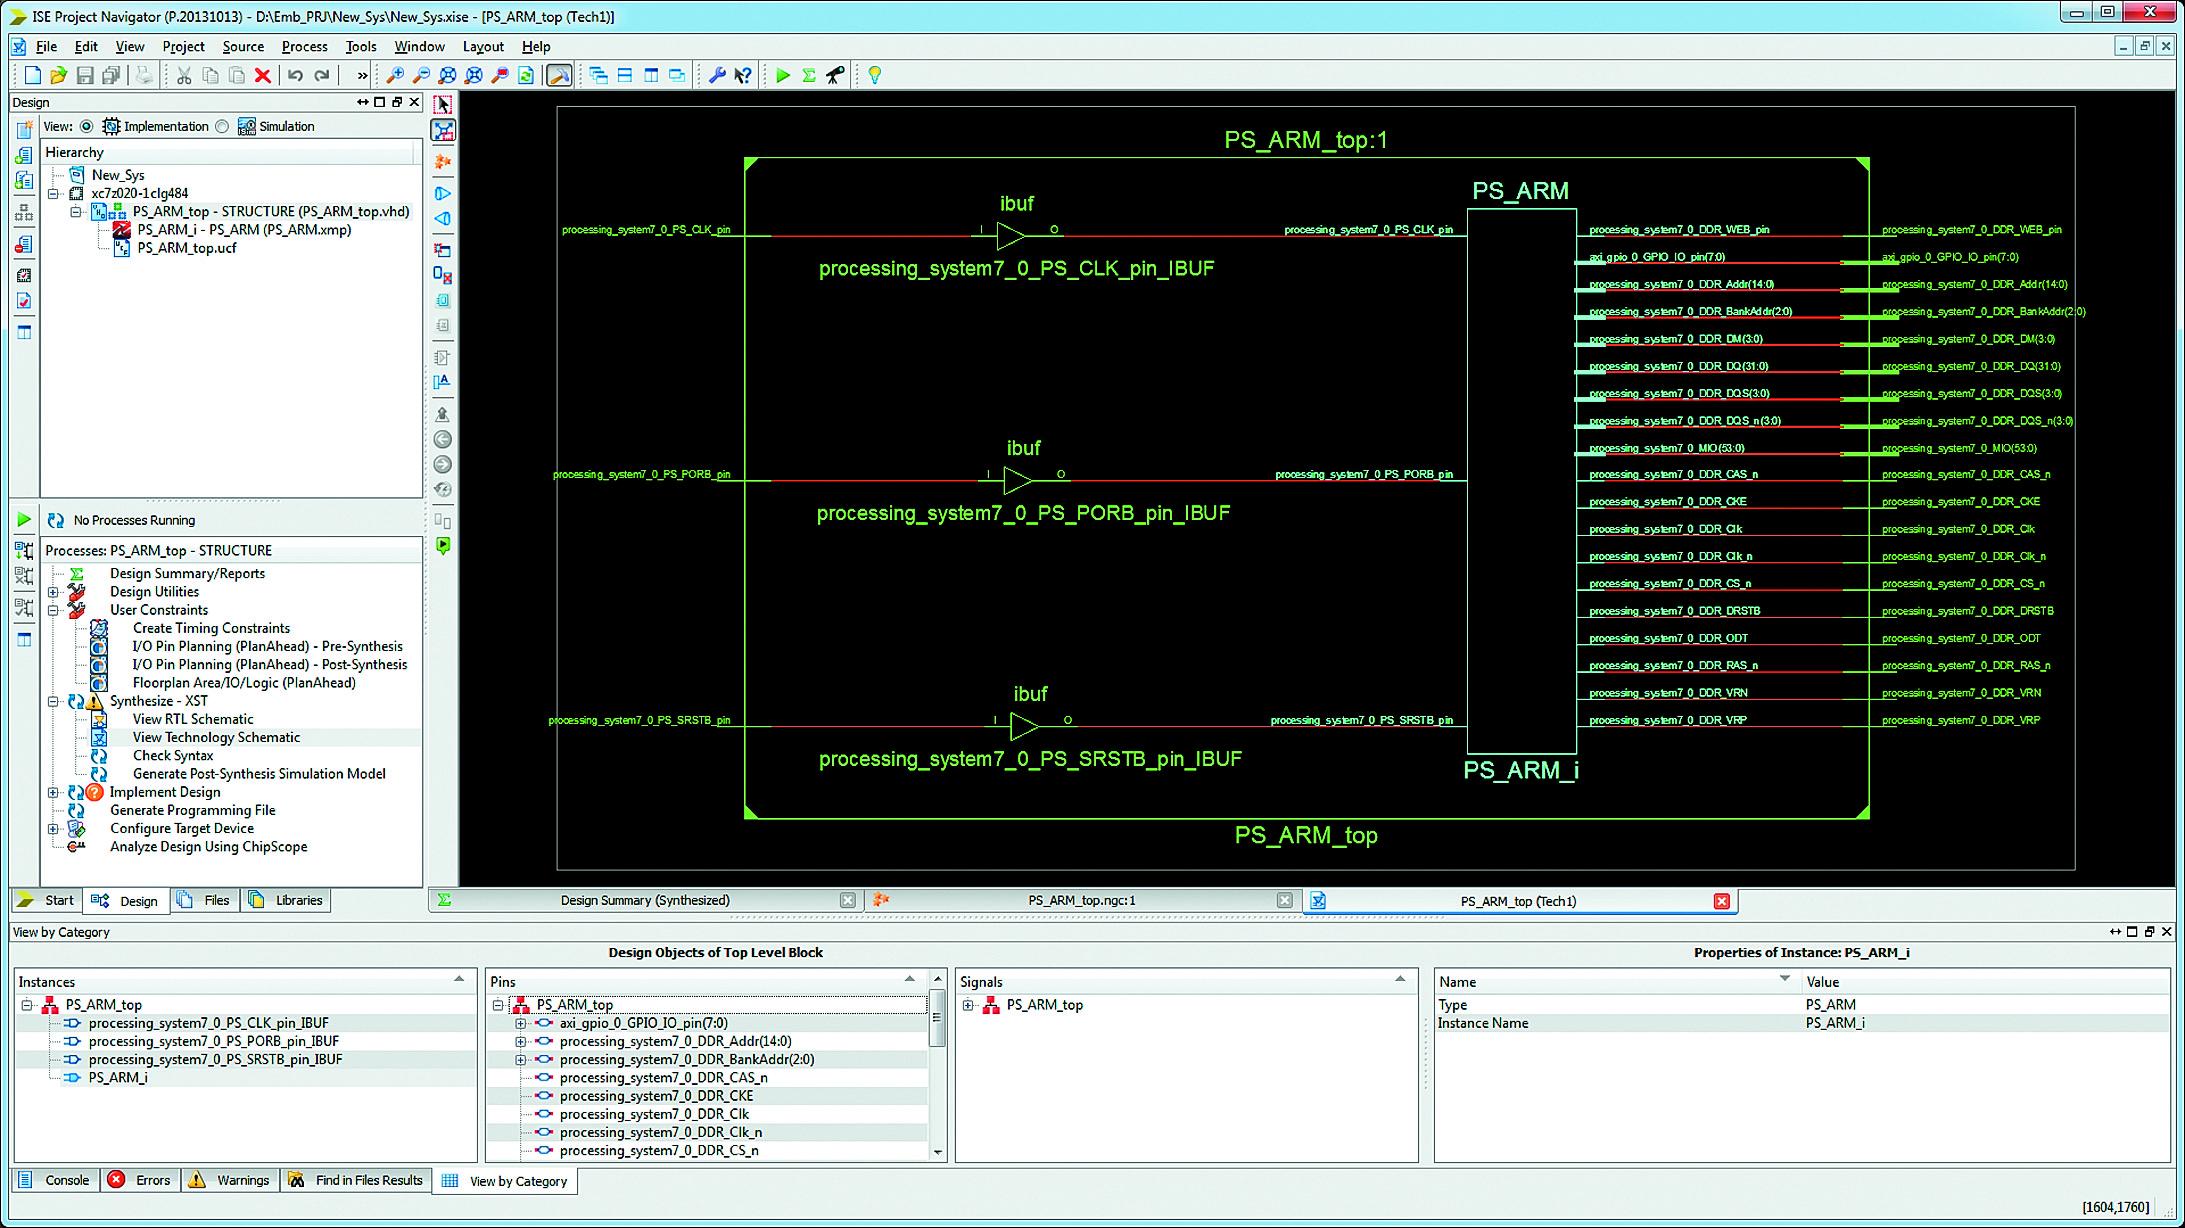 Отображение результатов синтеза аппаратной части разрабатываемой системы на технологическом уровне в схемотехнической форме